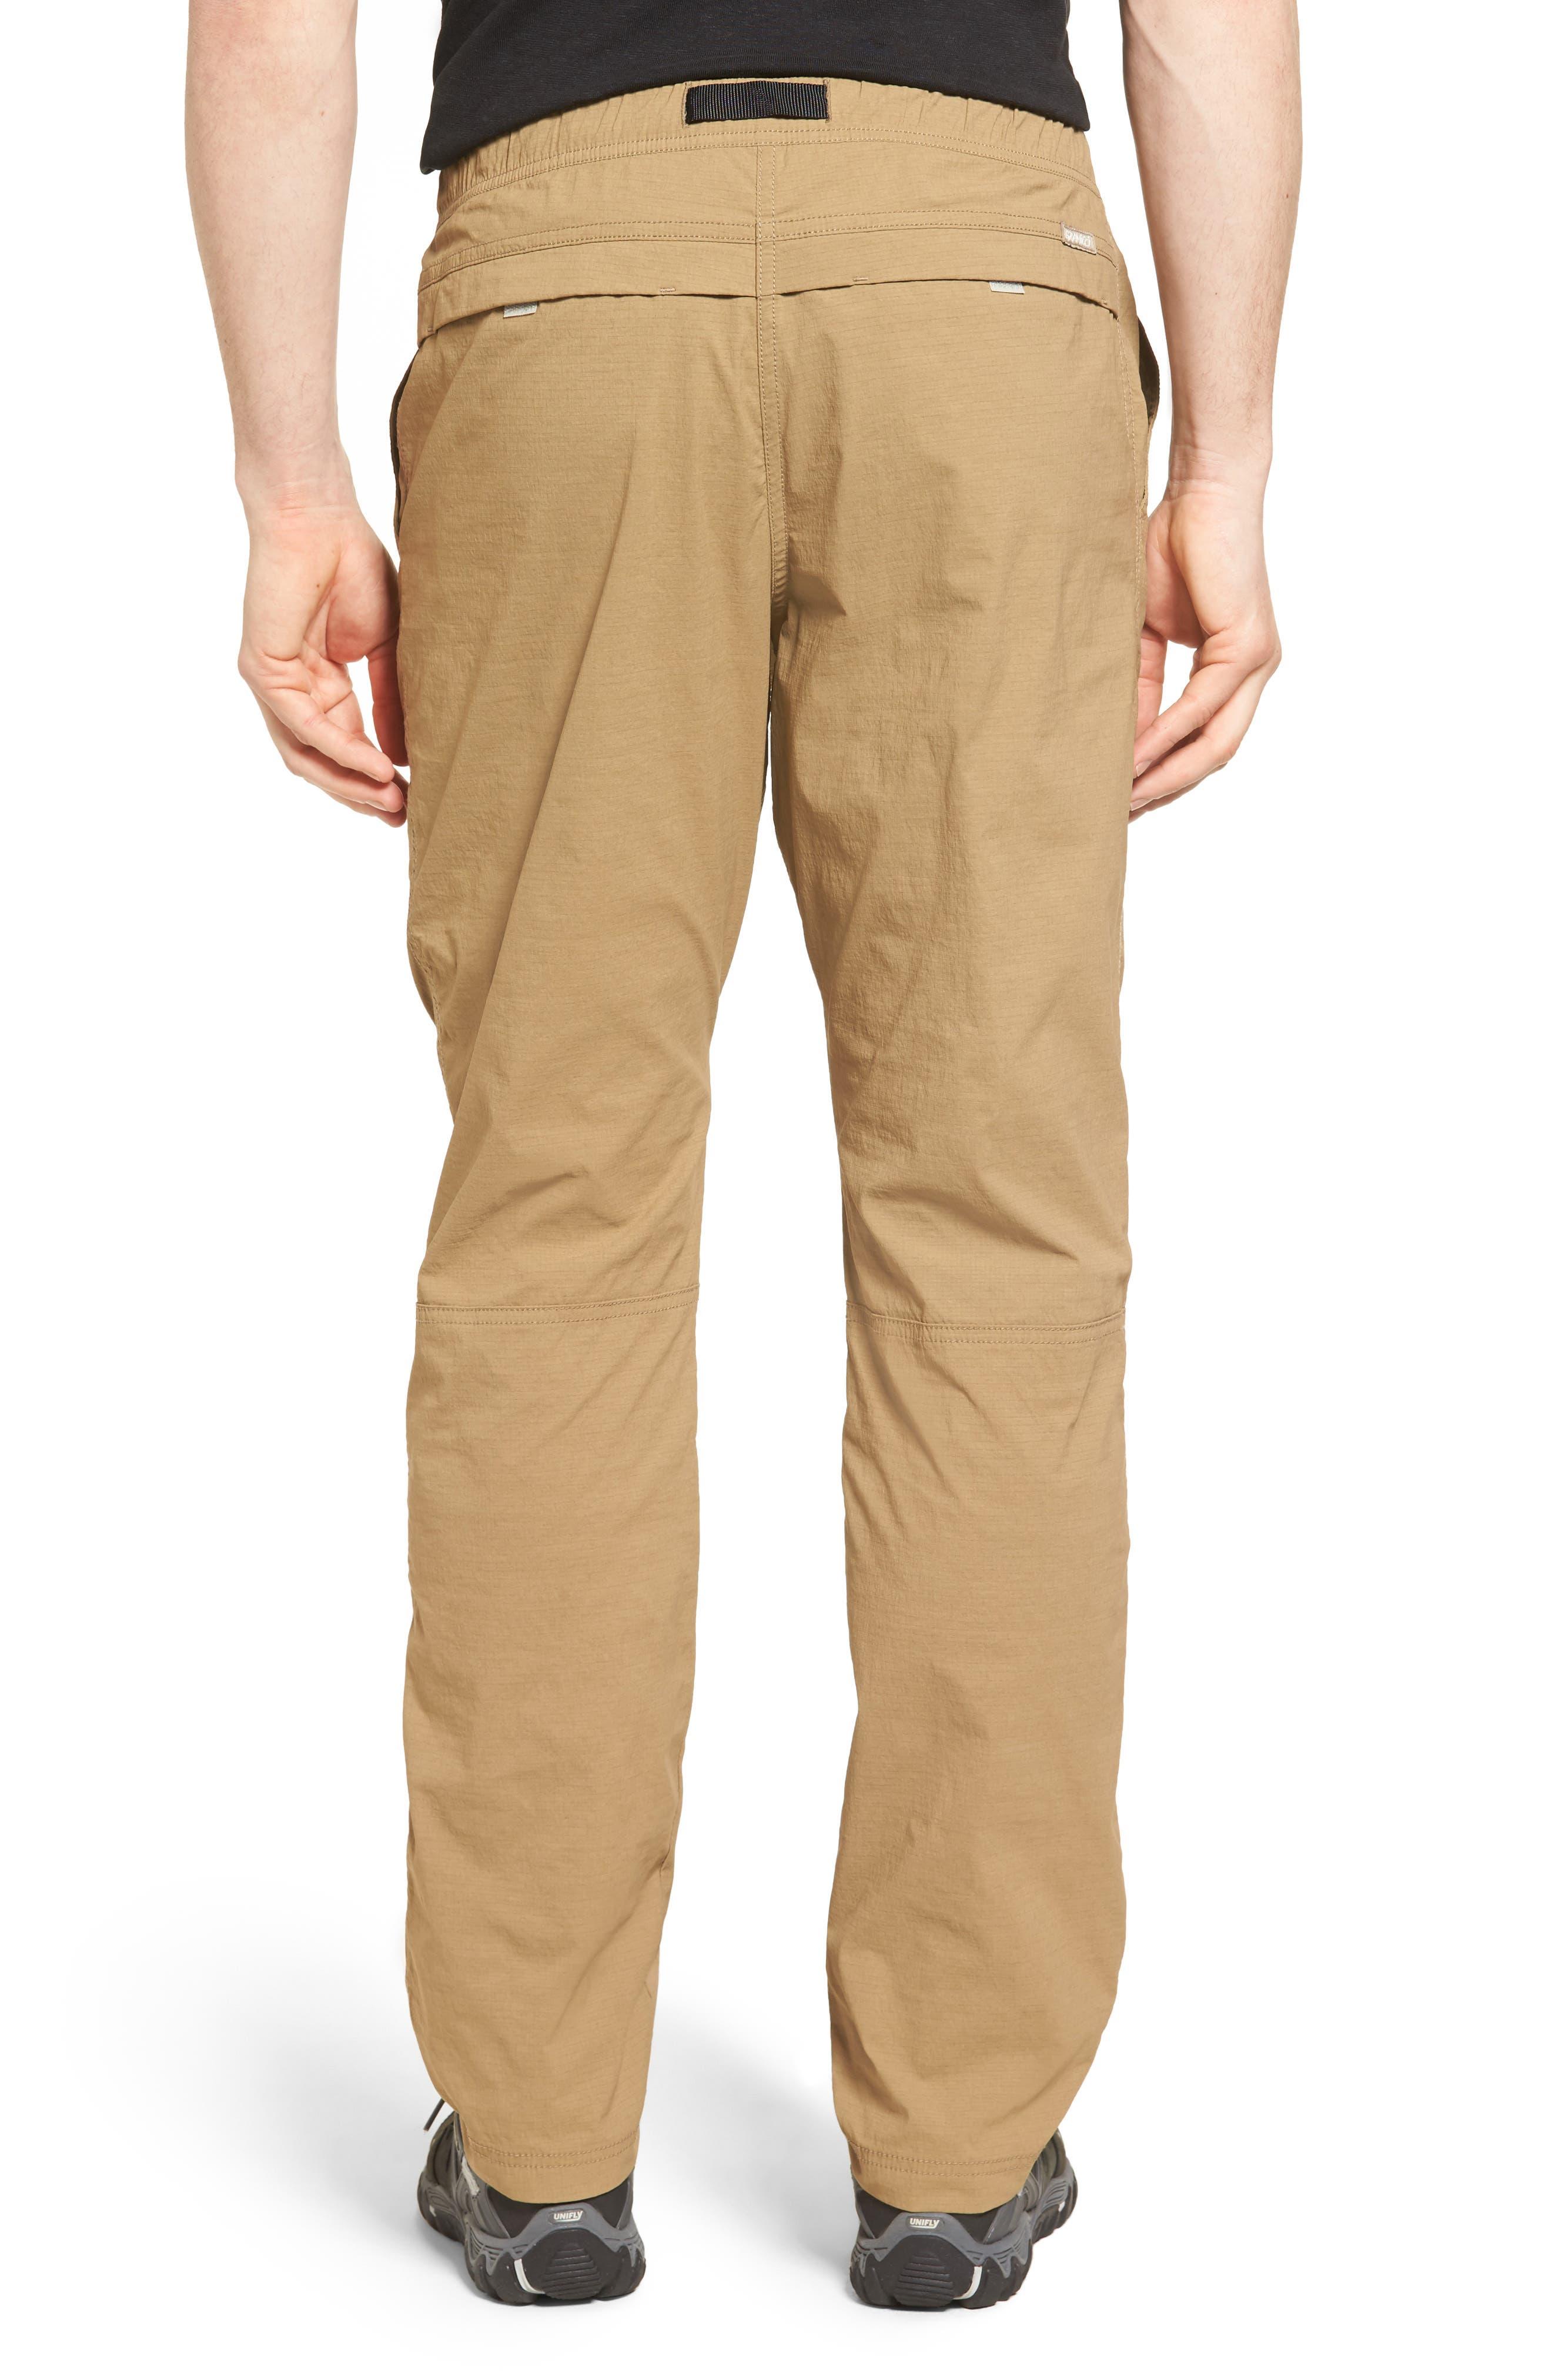 Rough & Tumble Climber G Pants,                             Alternate thumbnail 2, color,                             Sahara Tan